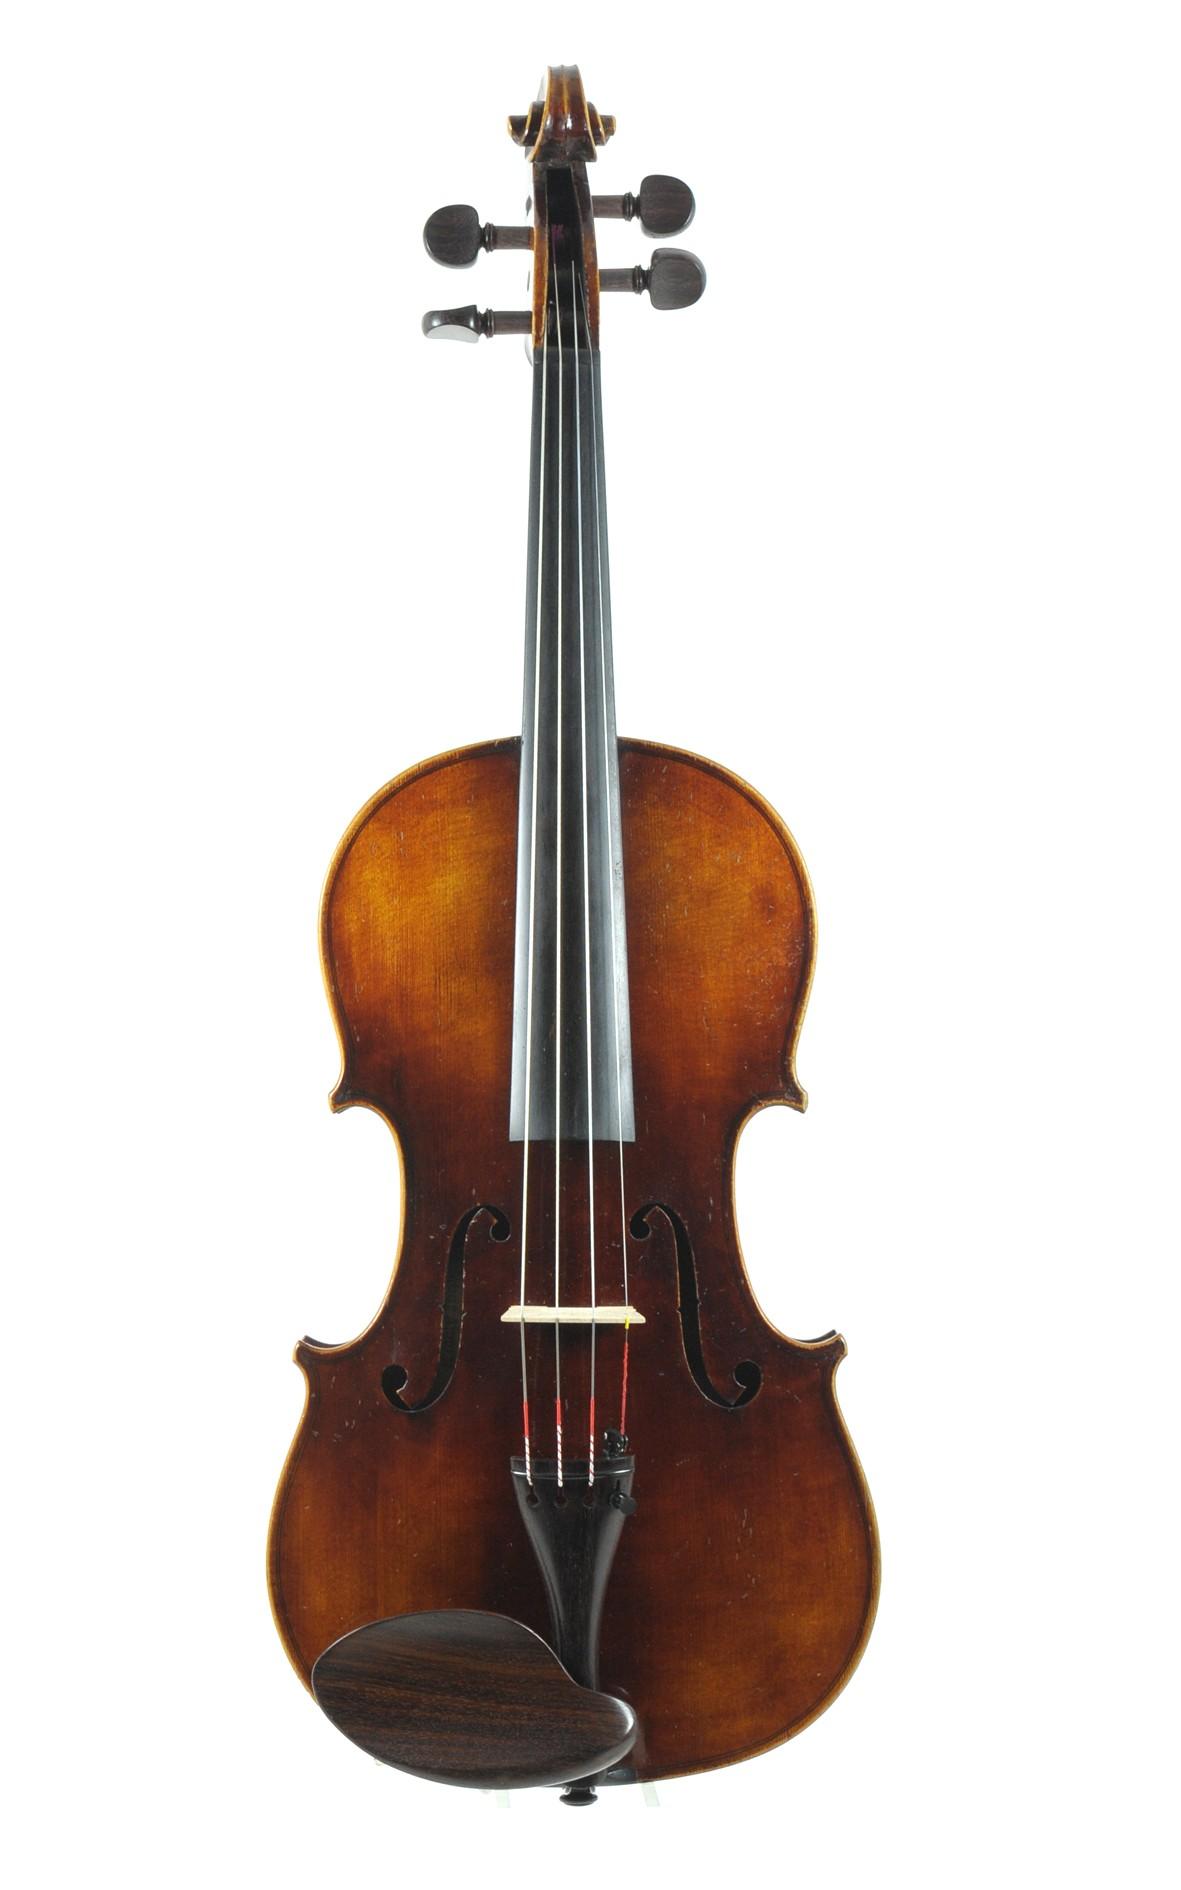 C. A. Glier sen., Geige um 1900 - Decke